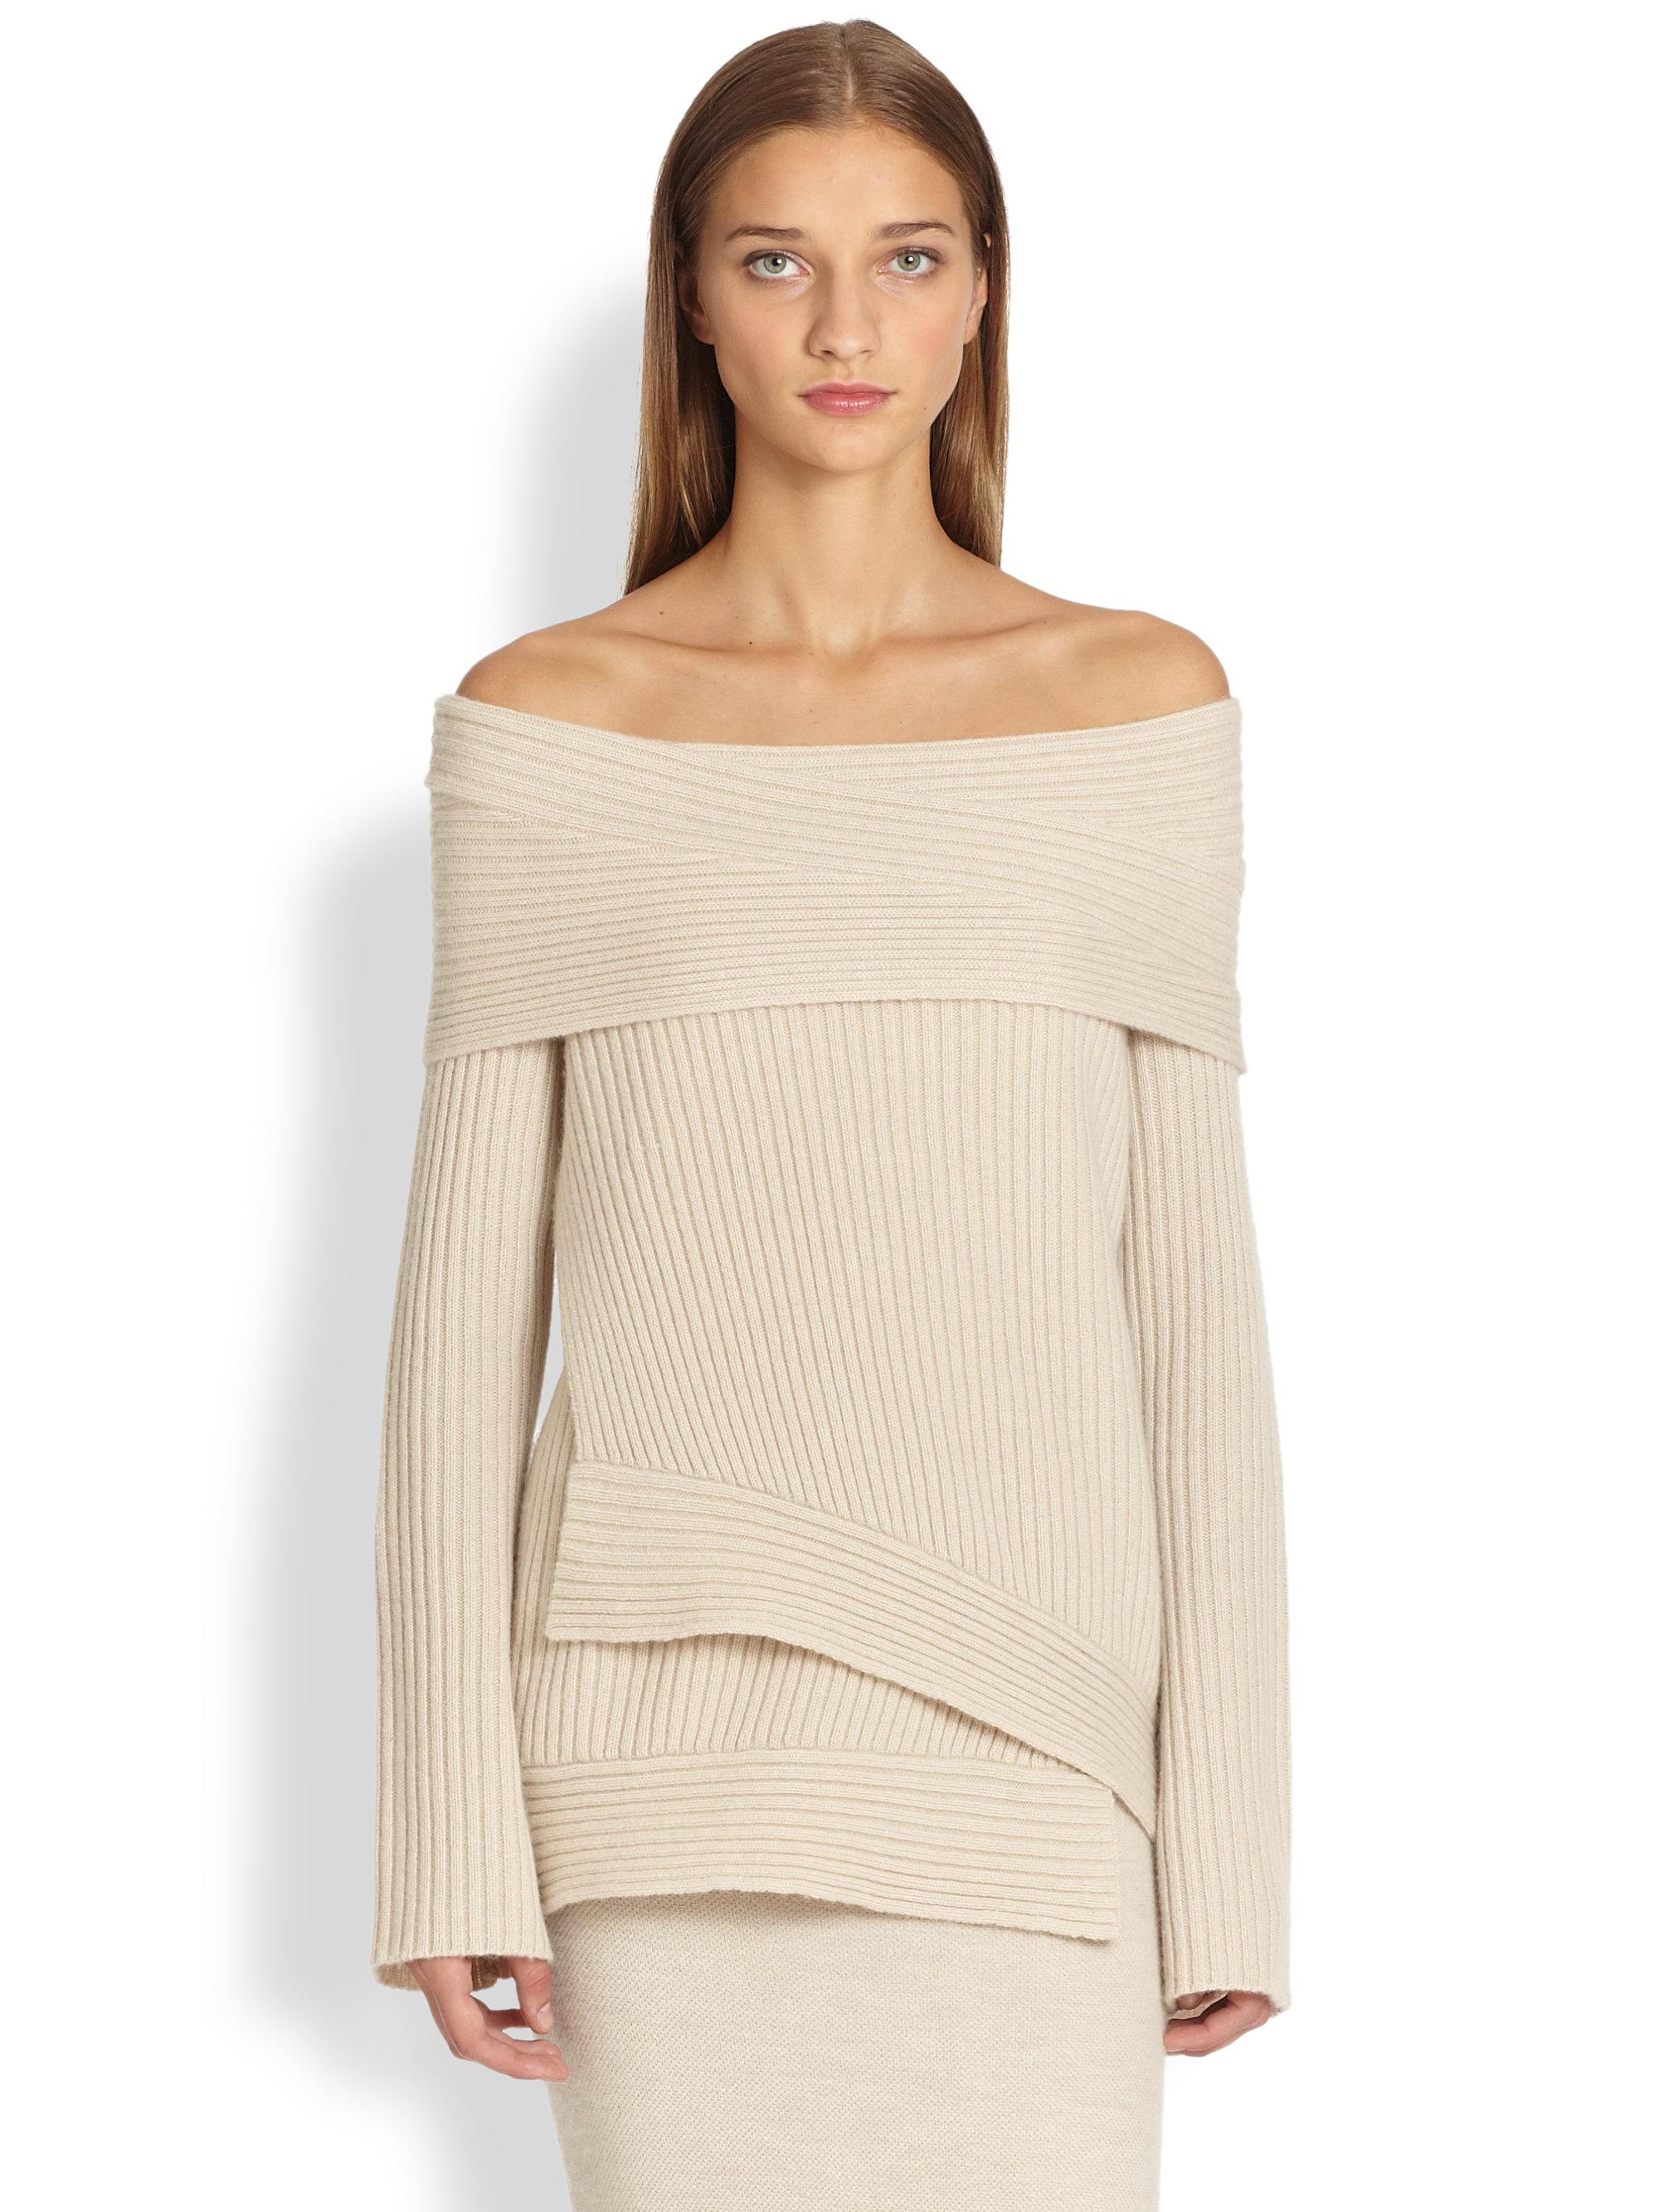 donna karan cashmere offtheshoulder sweater in natural lyst. Black Bedroom Furniture Sets. Home Design Ideas